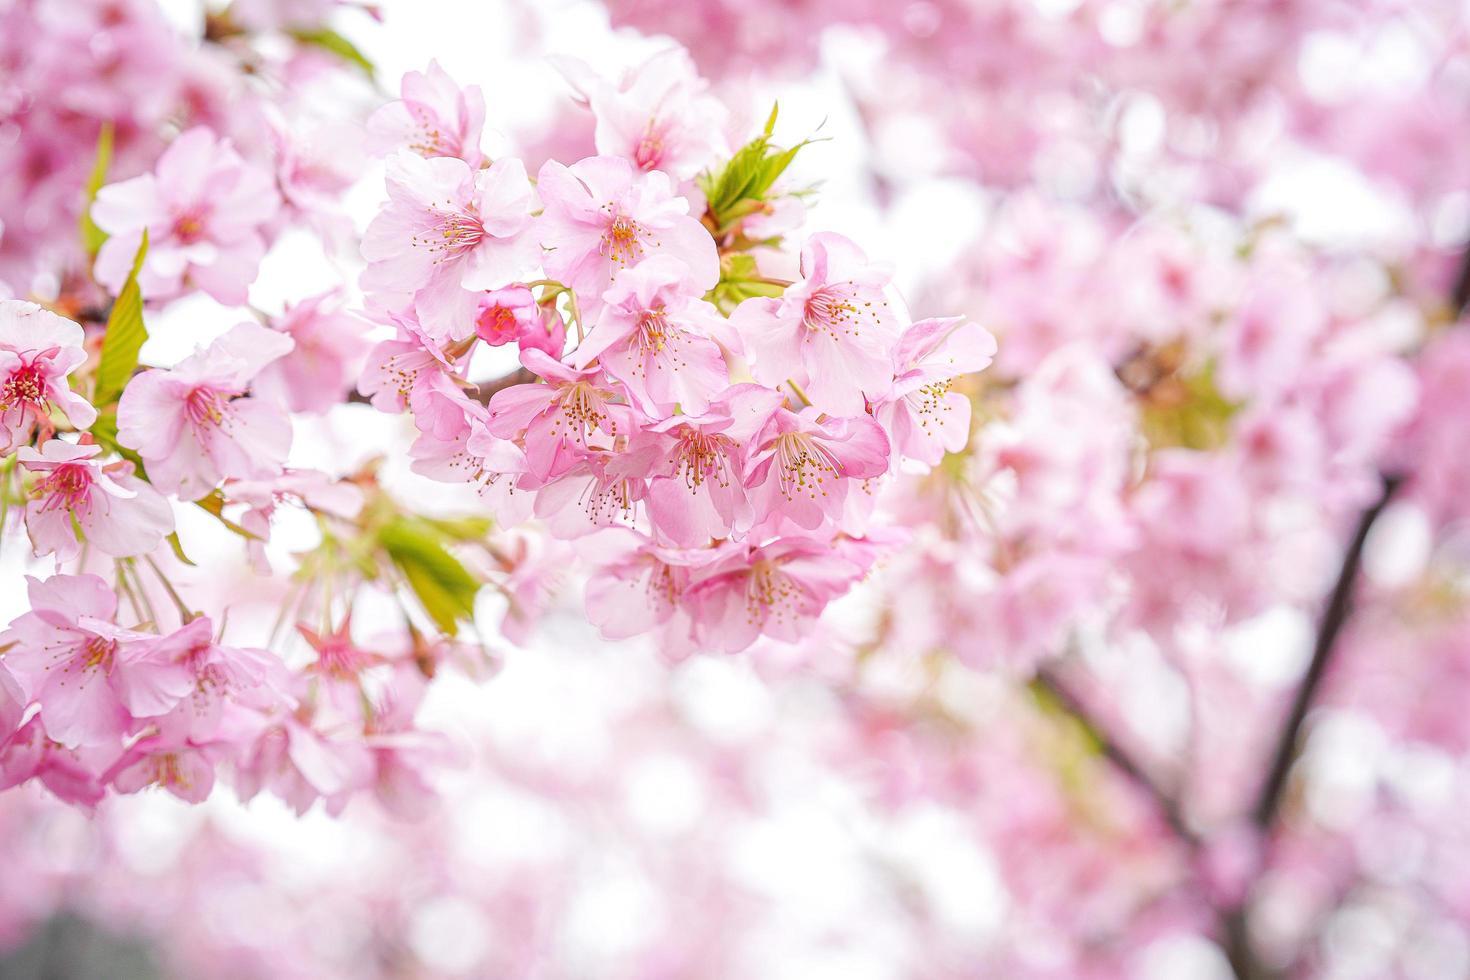 fiore rosa del fiore di ciliegia di sakura foto